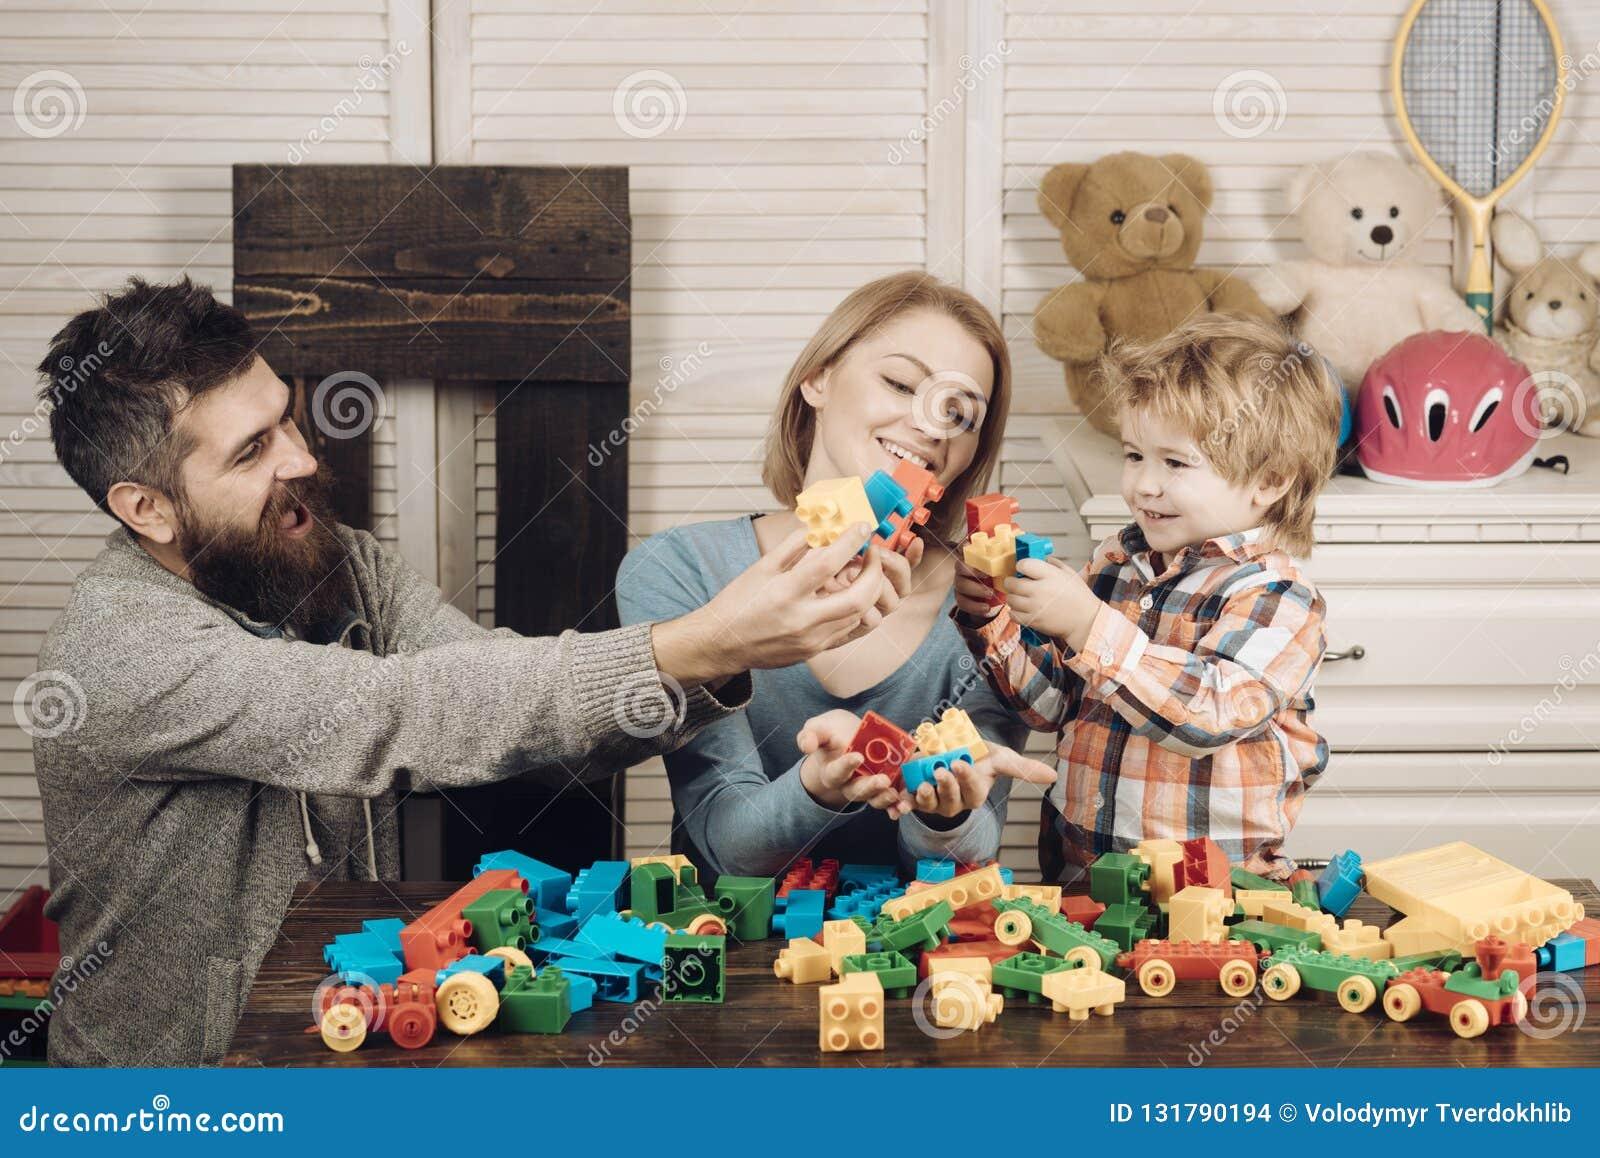 Infanzia felice Cura e sviluppo giorno felice dei bambini e della famiglia padre e madre con il costruttore del gioco da bambini